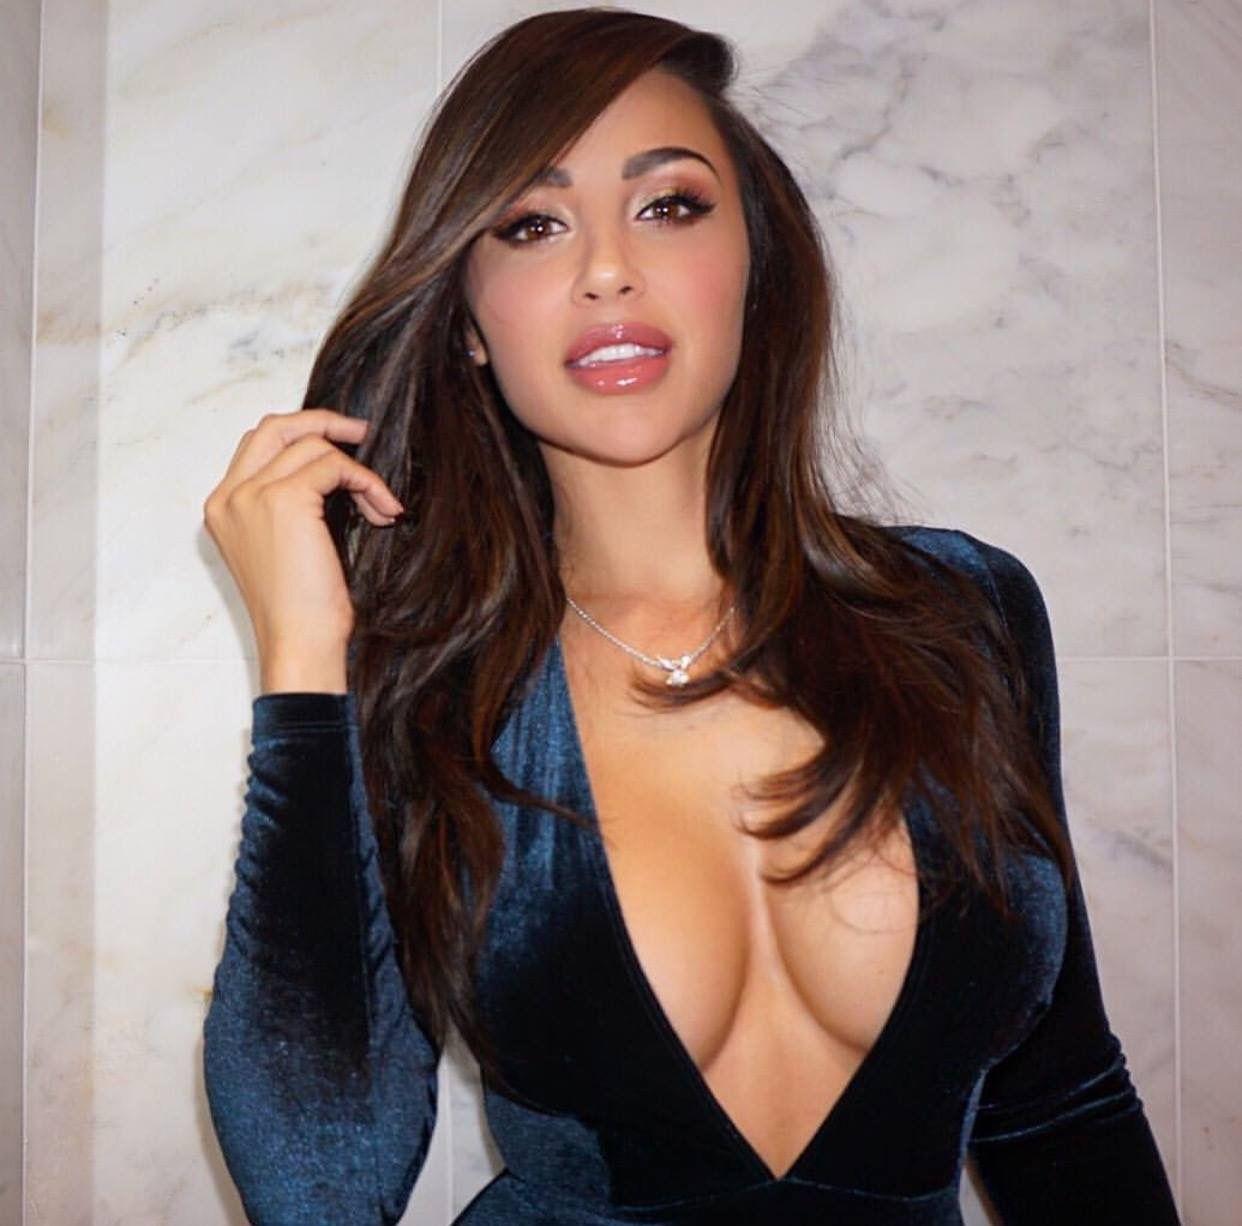 Cleavage Jazmine Garcia naked (21 foto and video), Topless, Sideboobs, Instagram, braless 2020